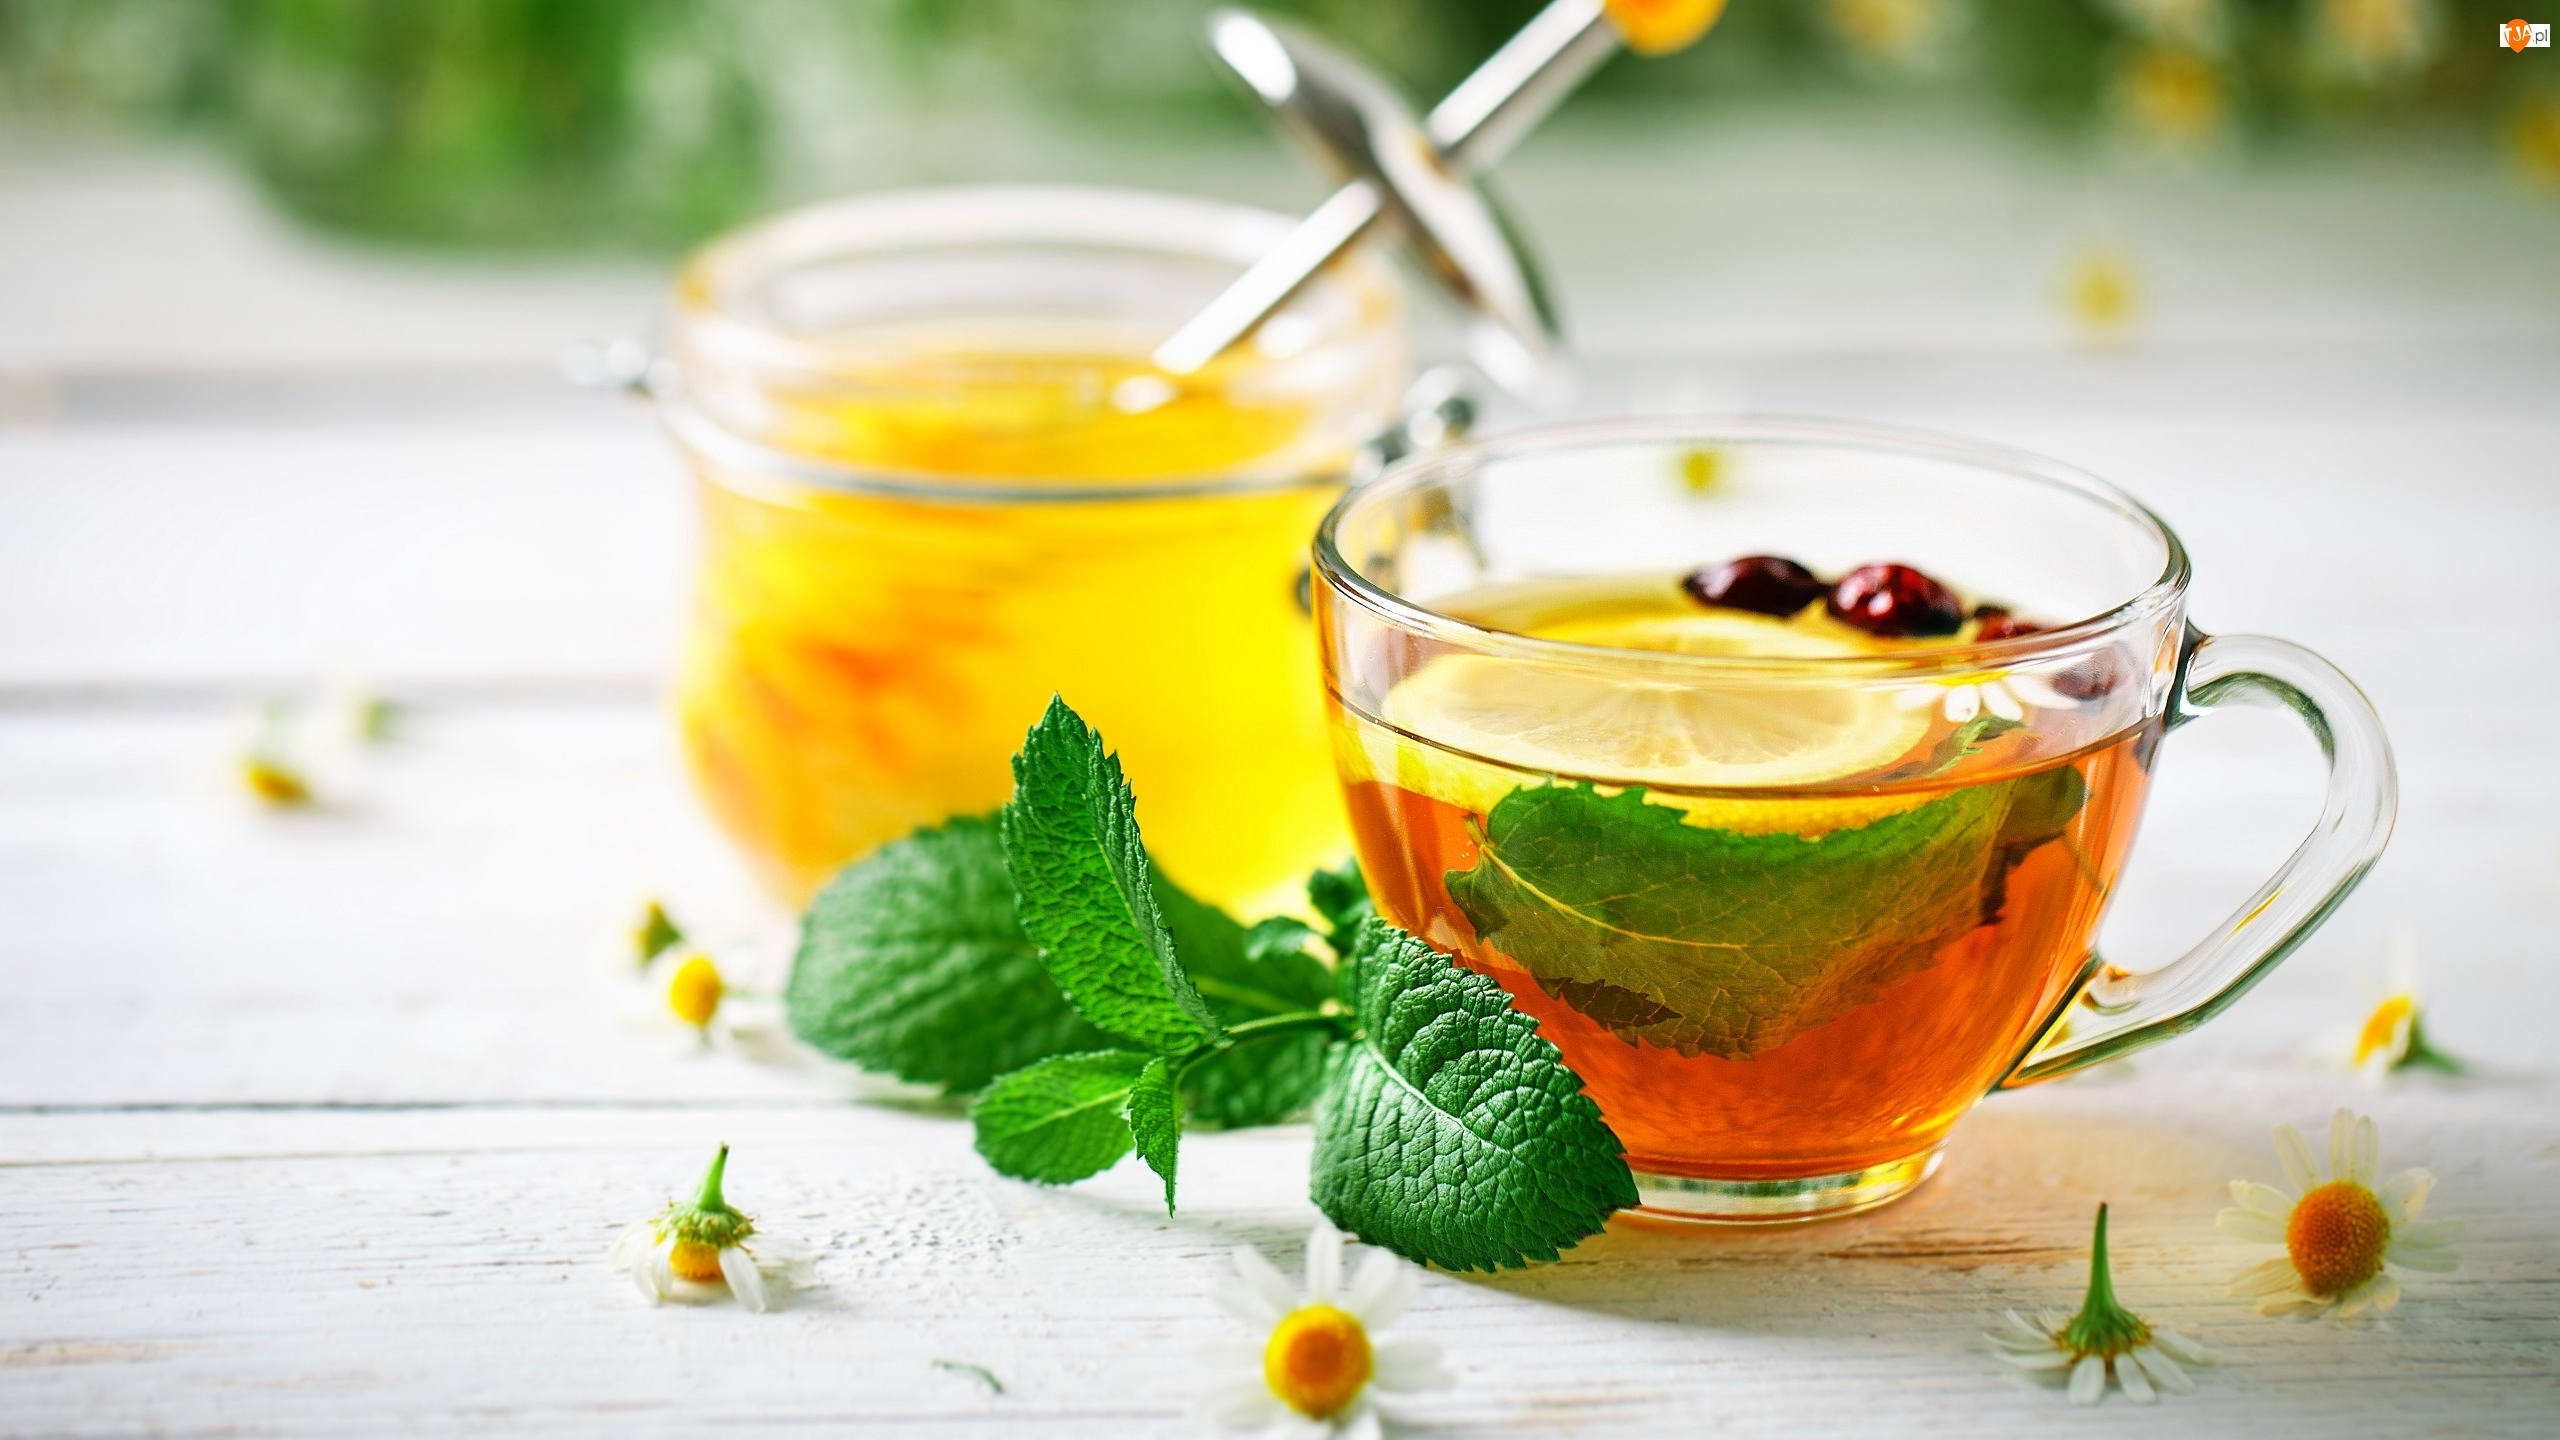 Herbata, Cytryna, Rumianek, Filiżanka, Miód, Słoik, Mięta